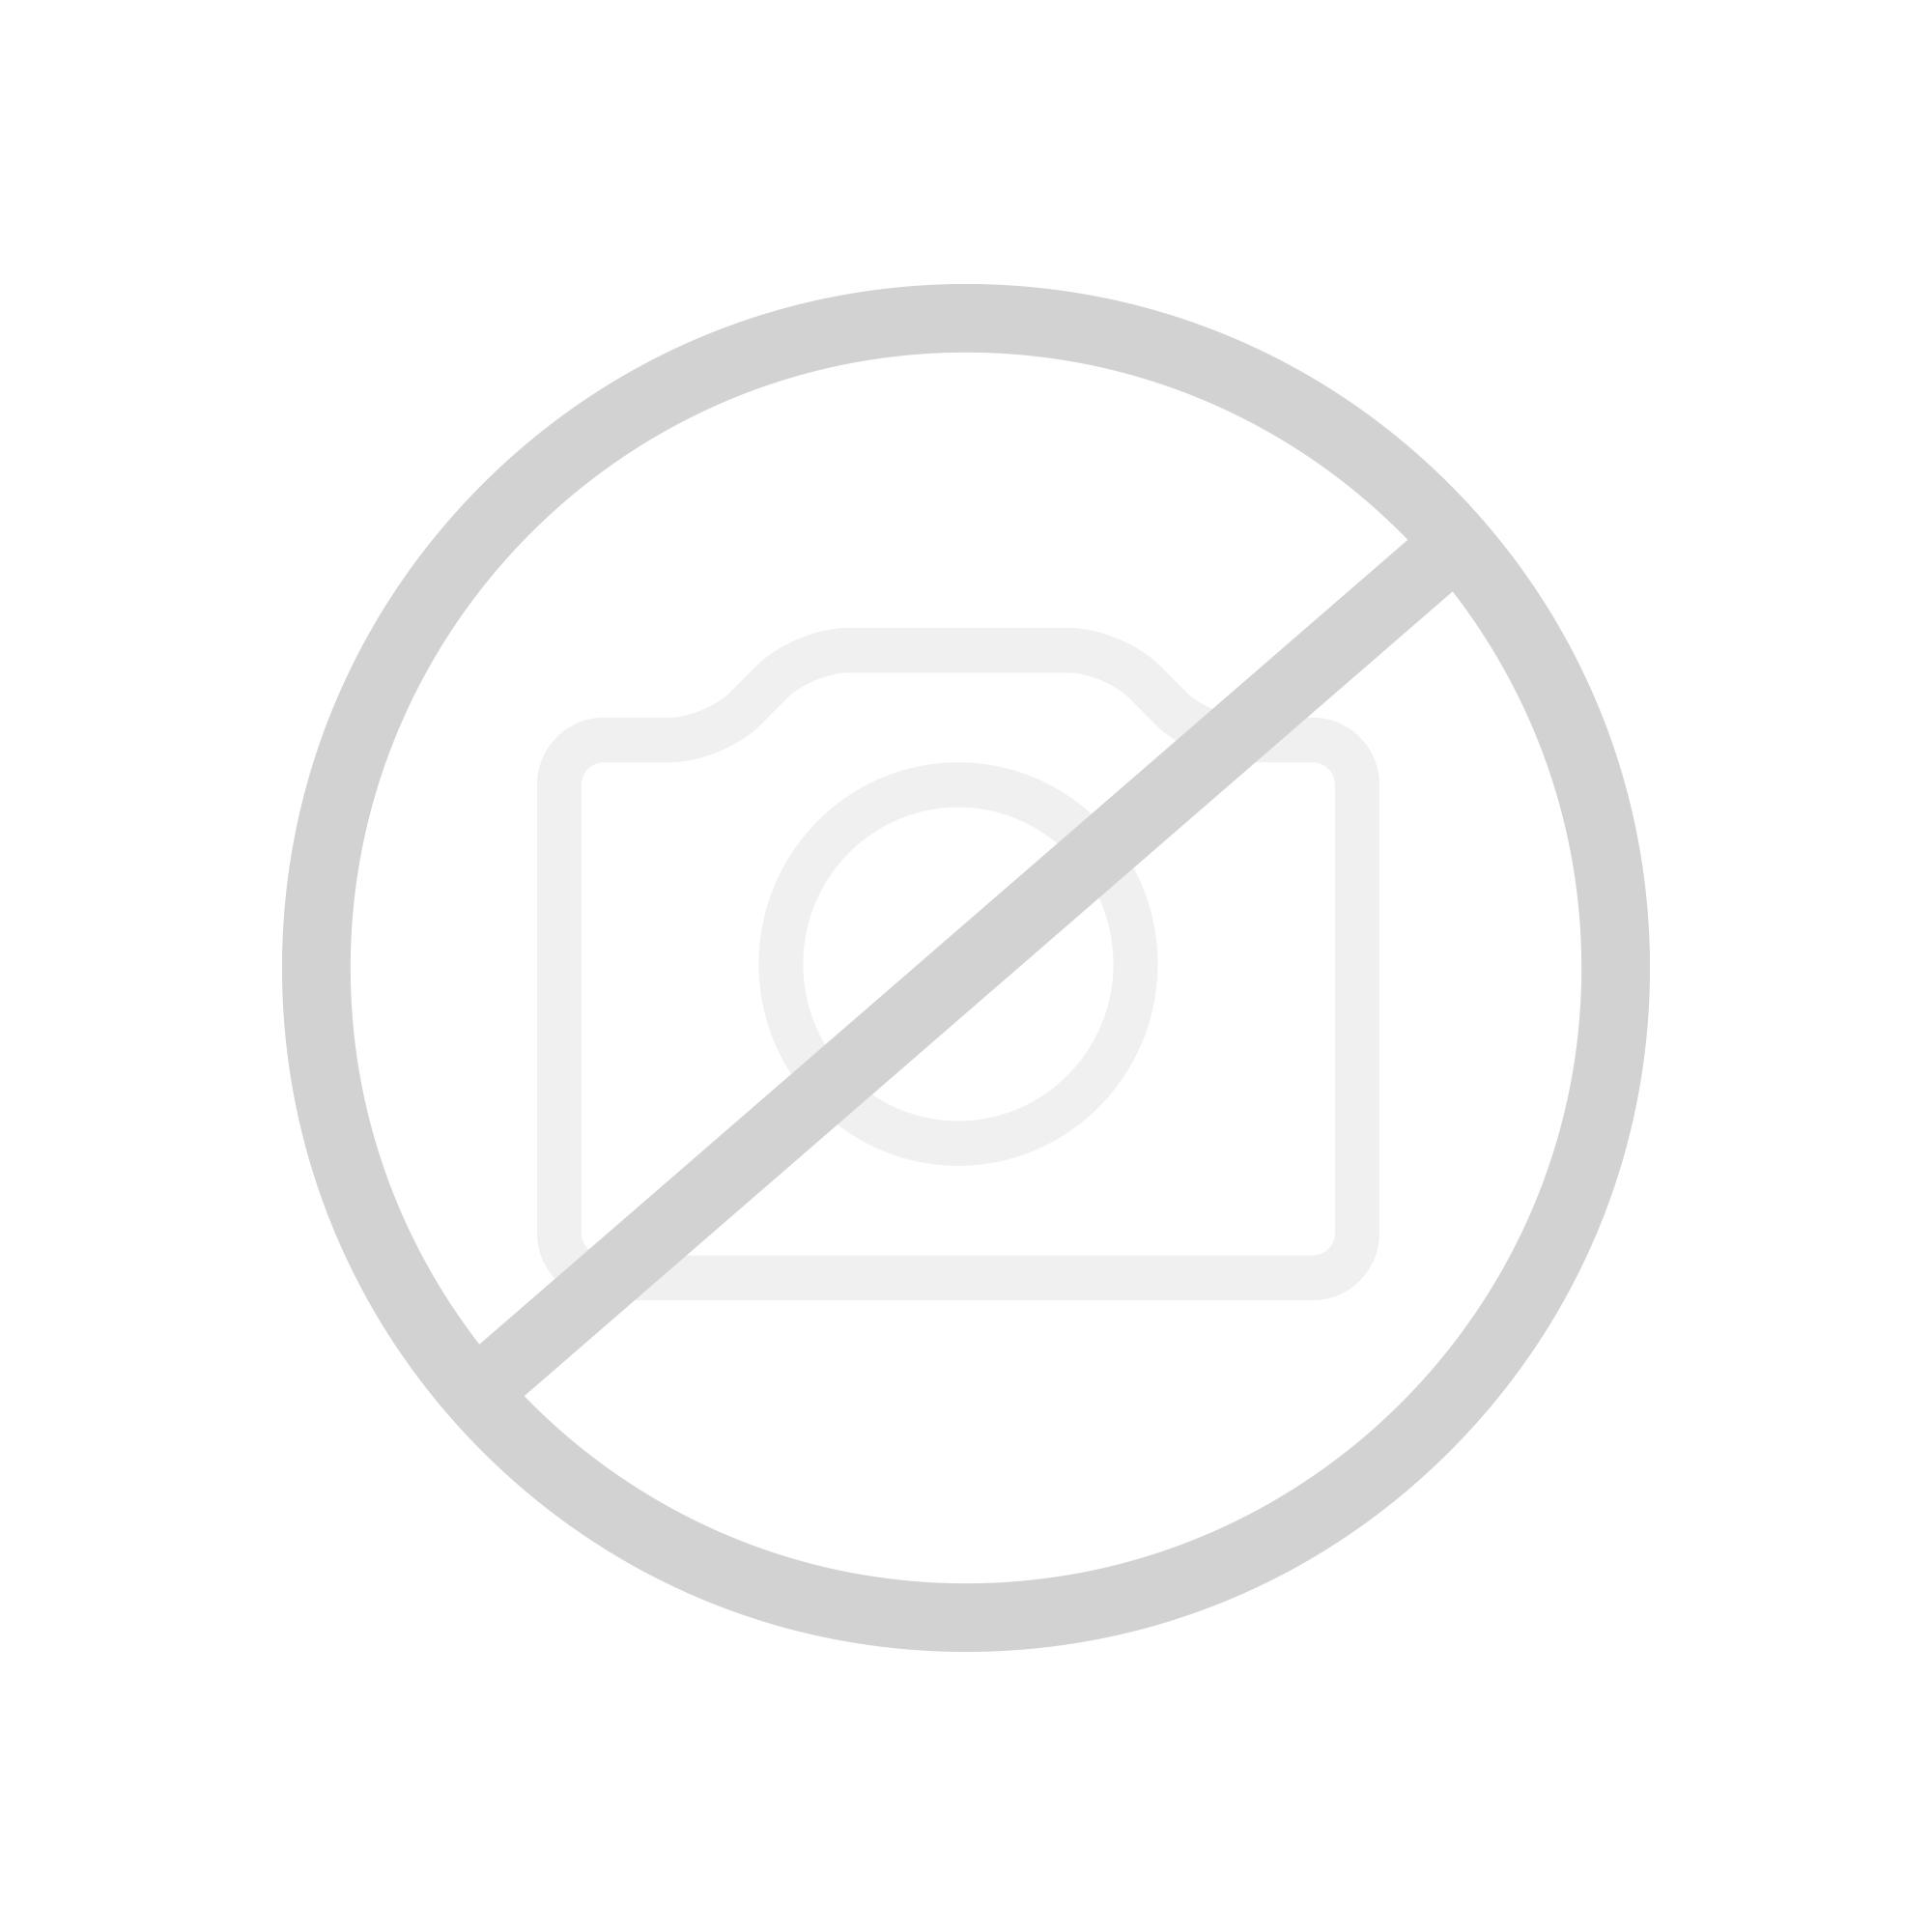 Geberit Duofix Bade-/Duschwannen-Montageelement, 112 cm, für AP-Armatur